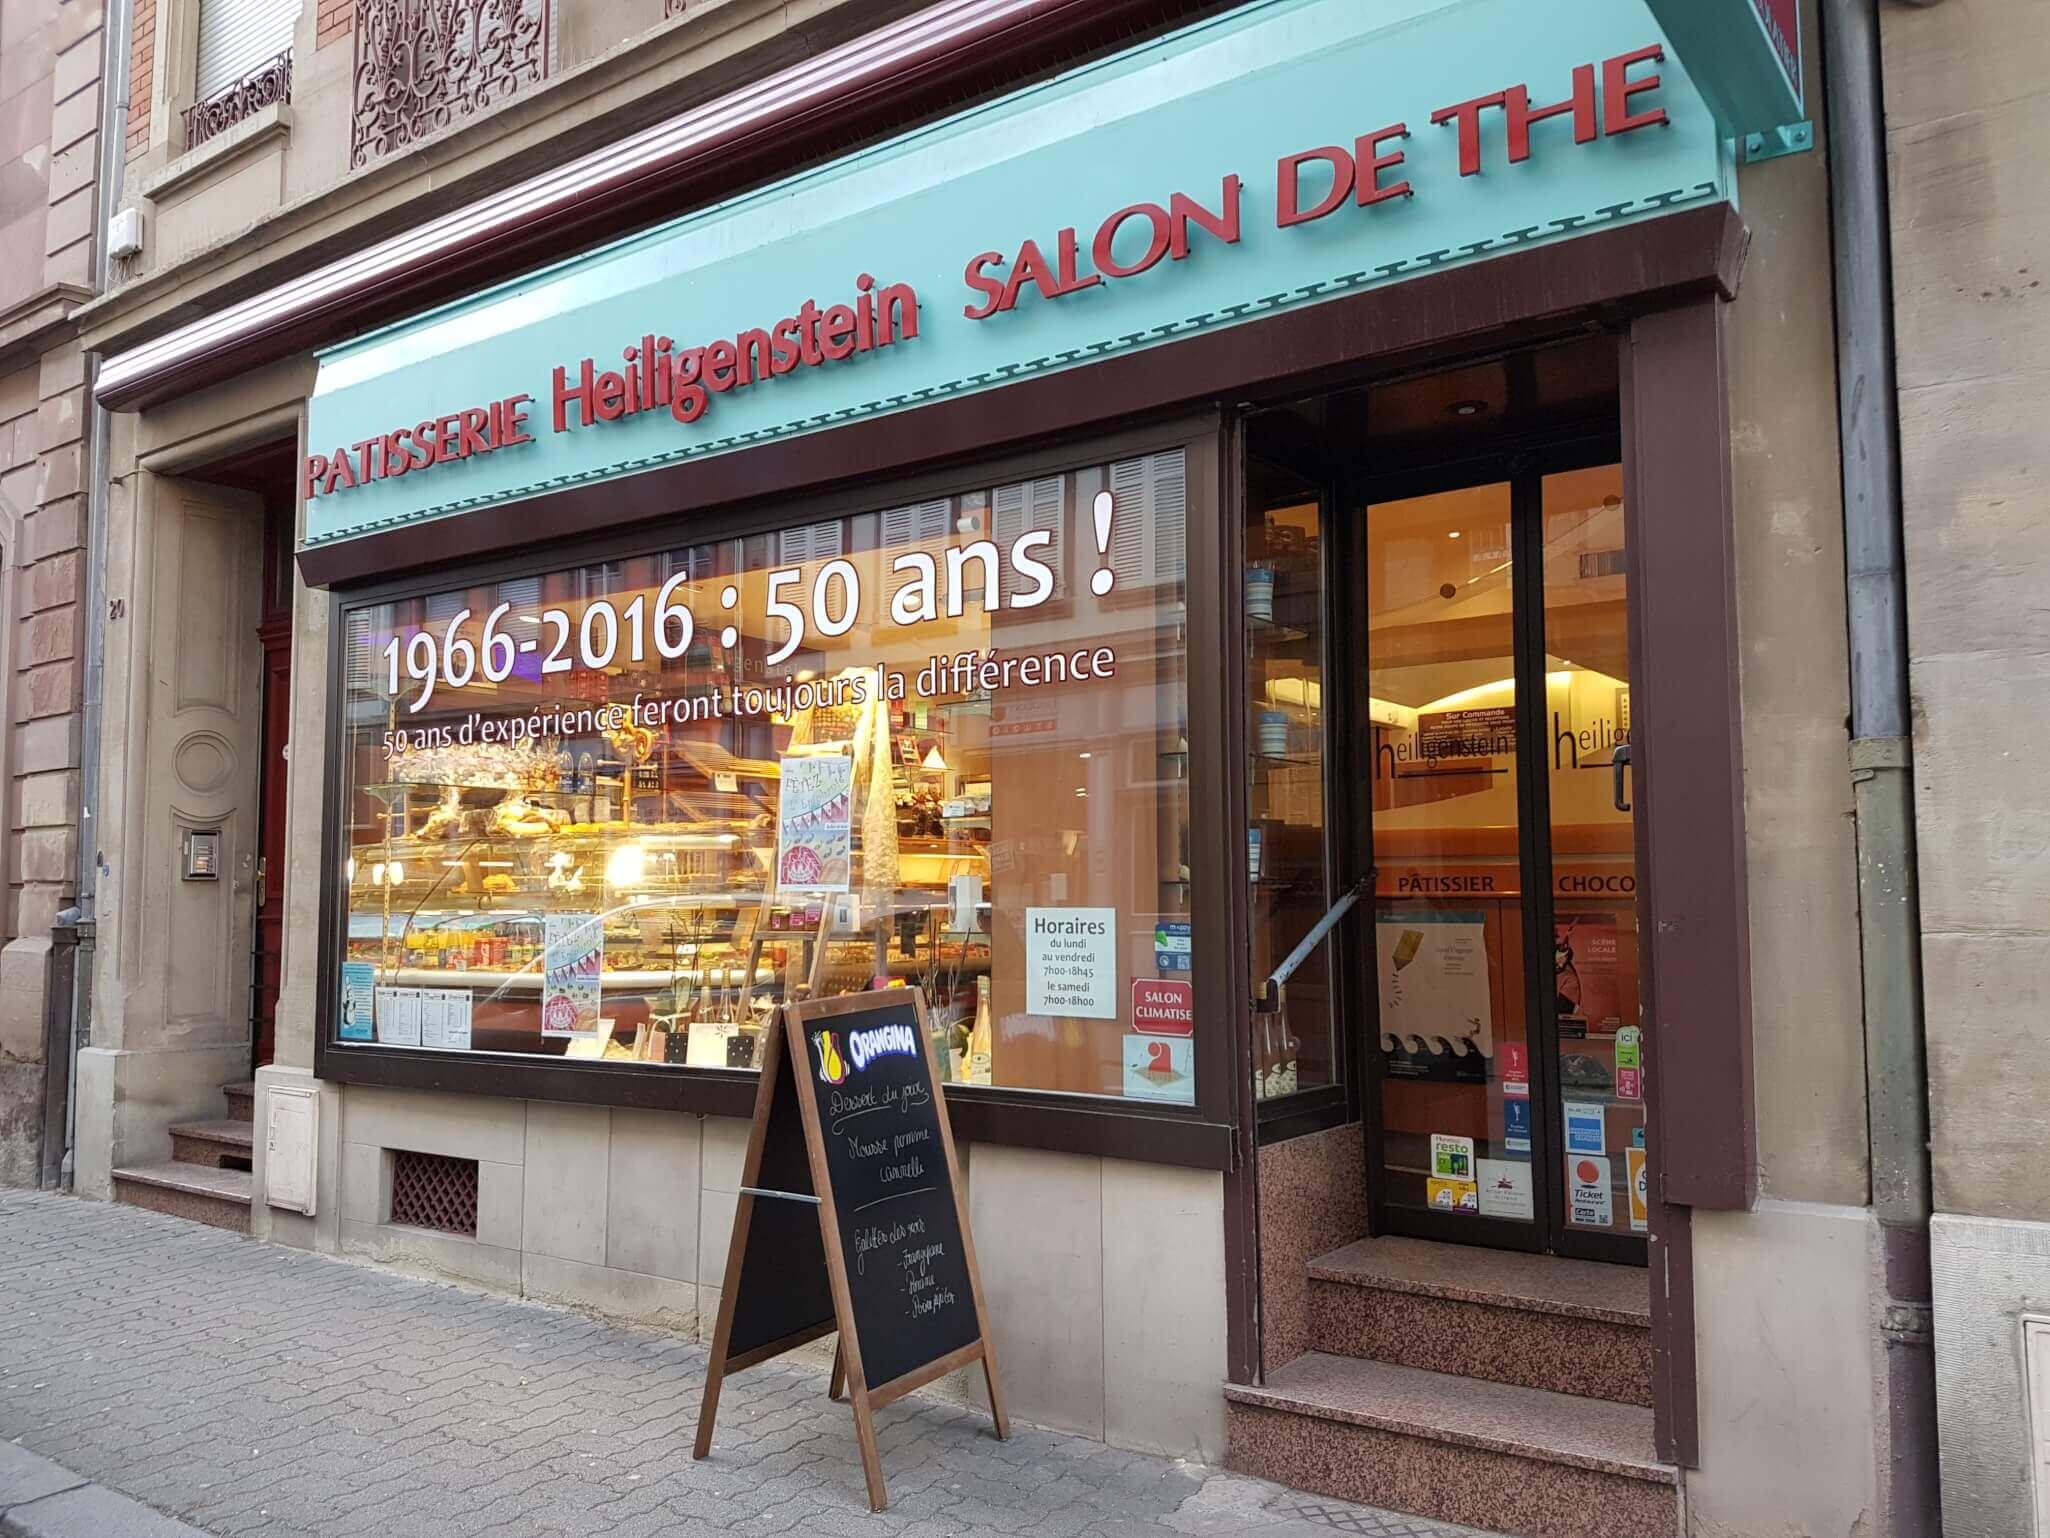 Salon de thé & pâtisserie à Strasbourg - Pâtisserie Heiligenstein